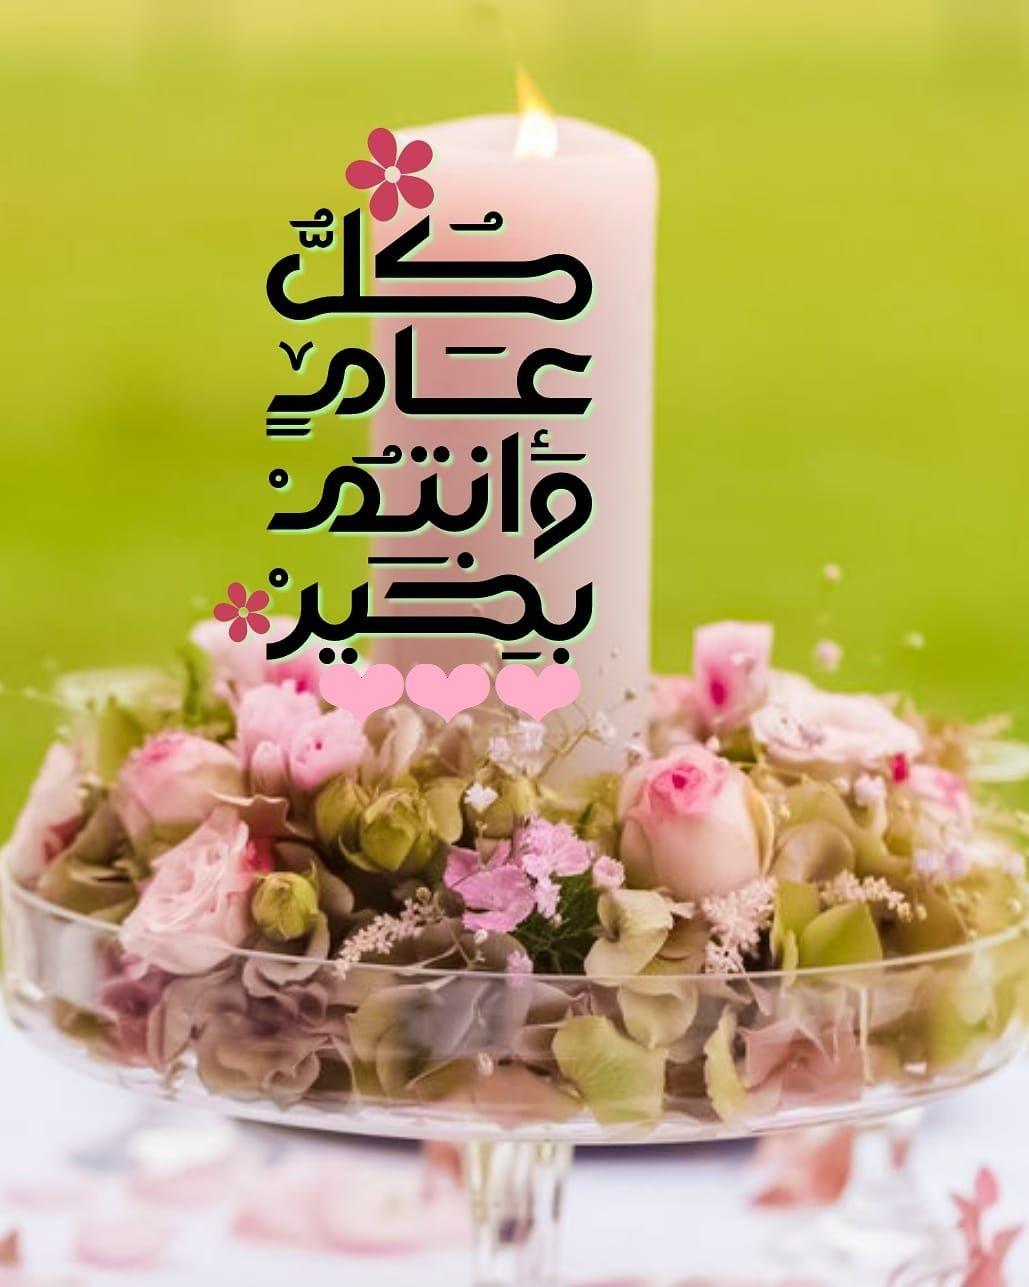 Pin By رغــــــد On عـيـد سعـيــد Birthday Cake Cake Desserts